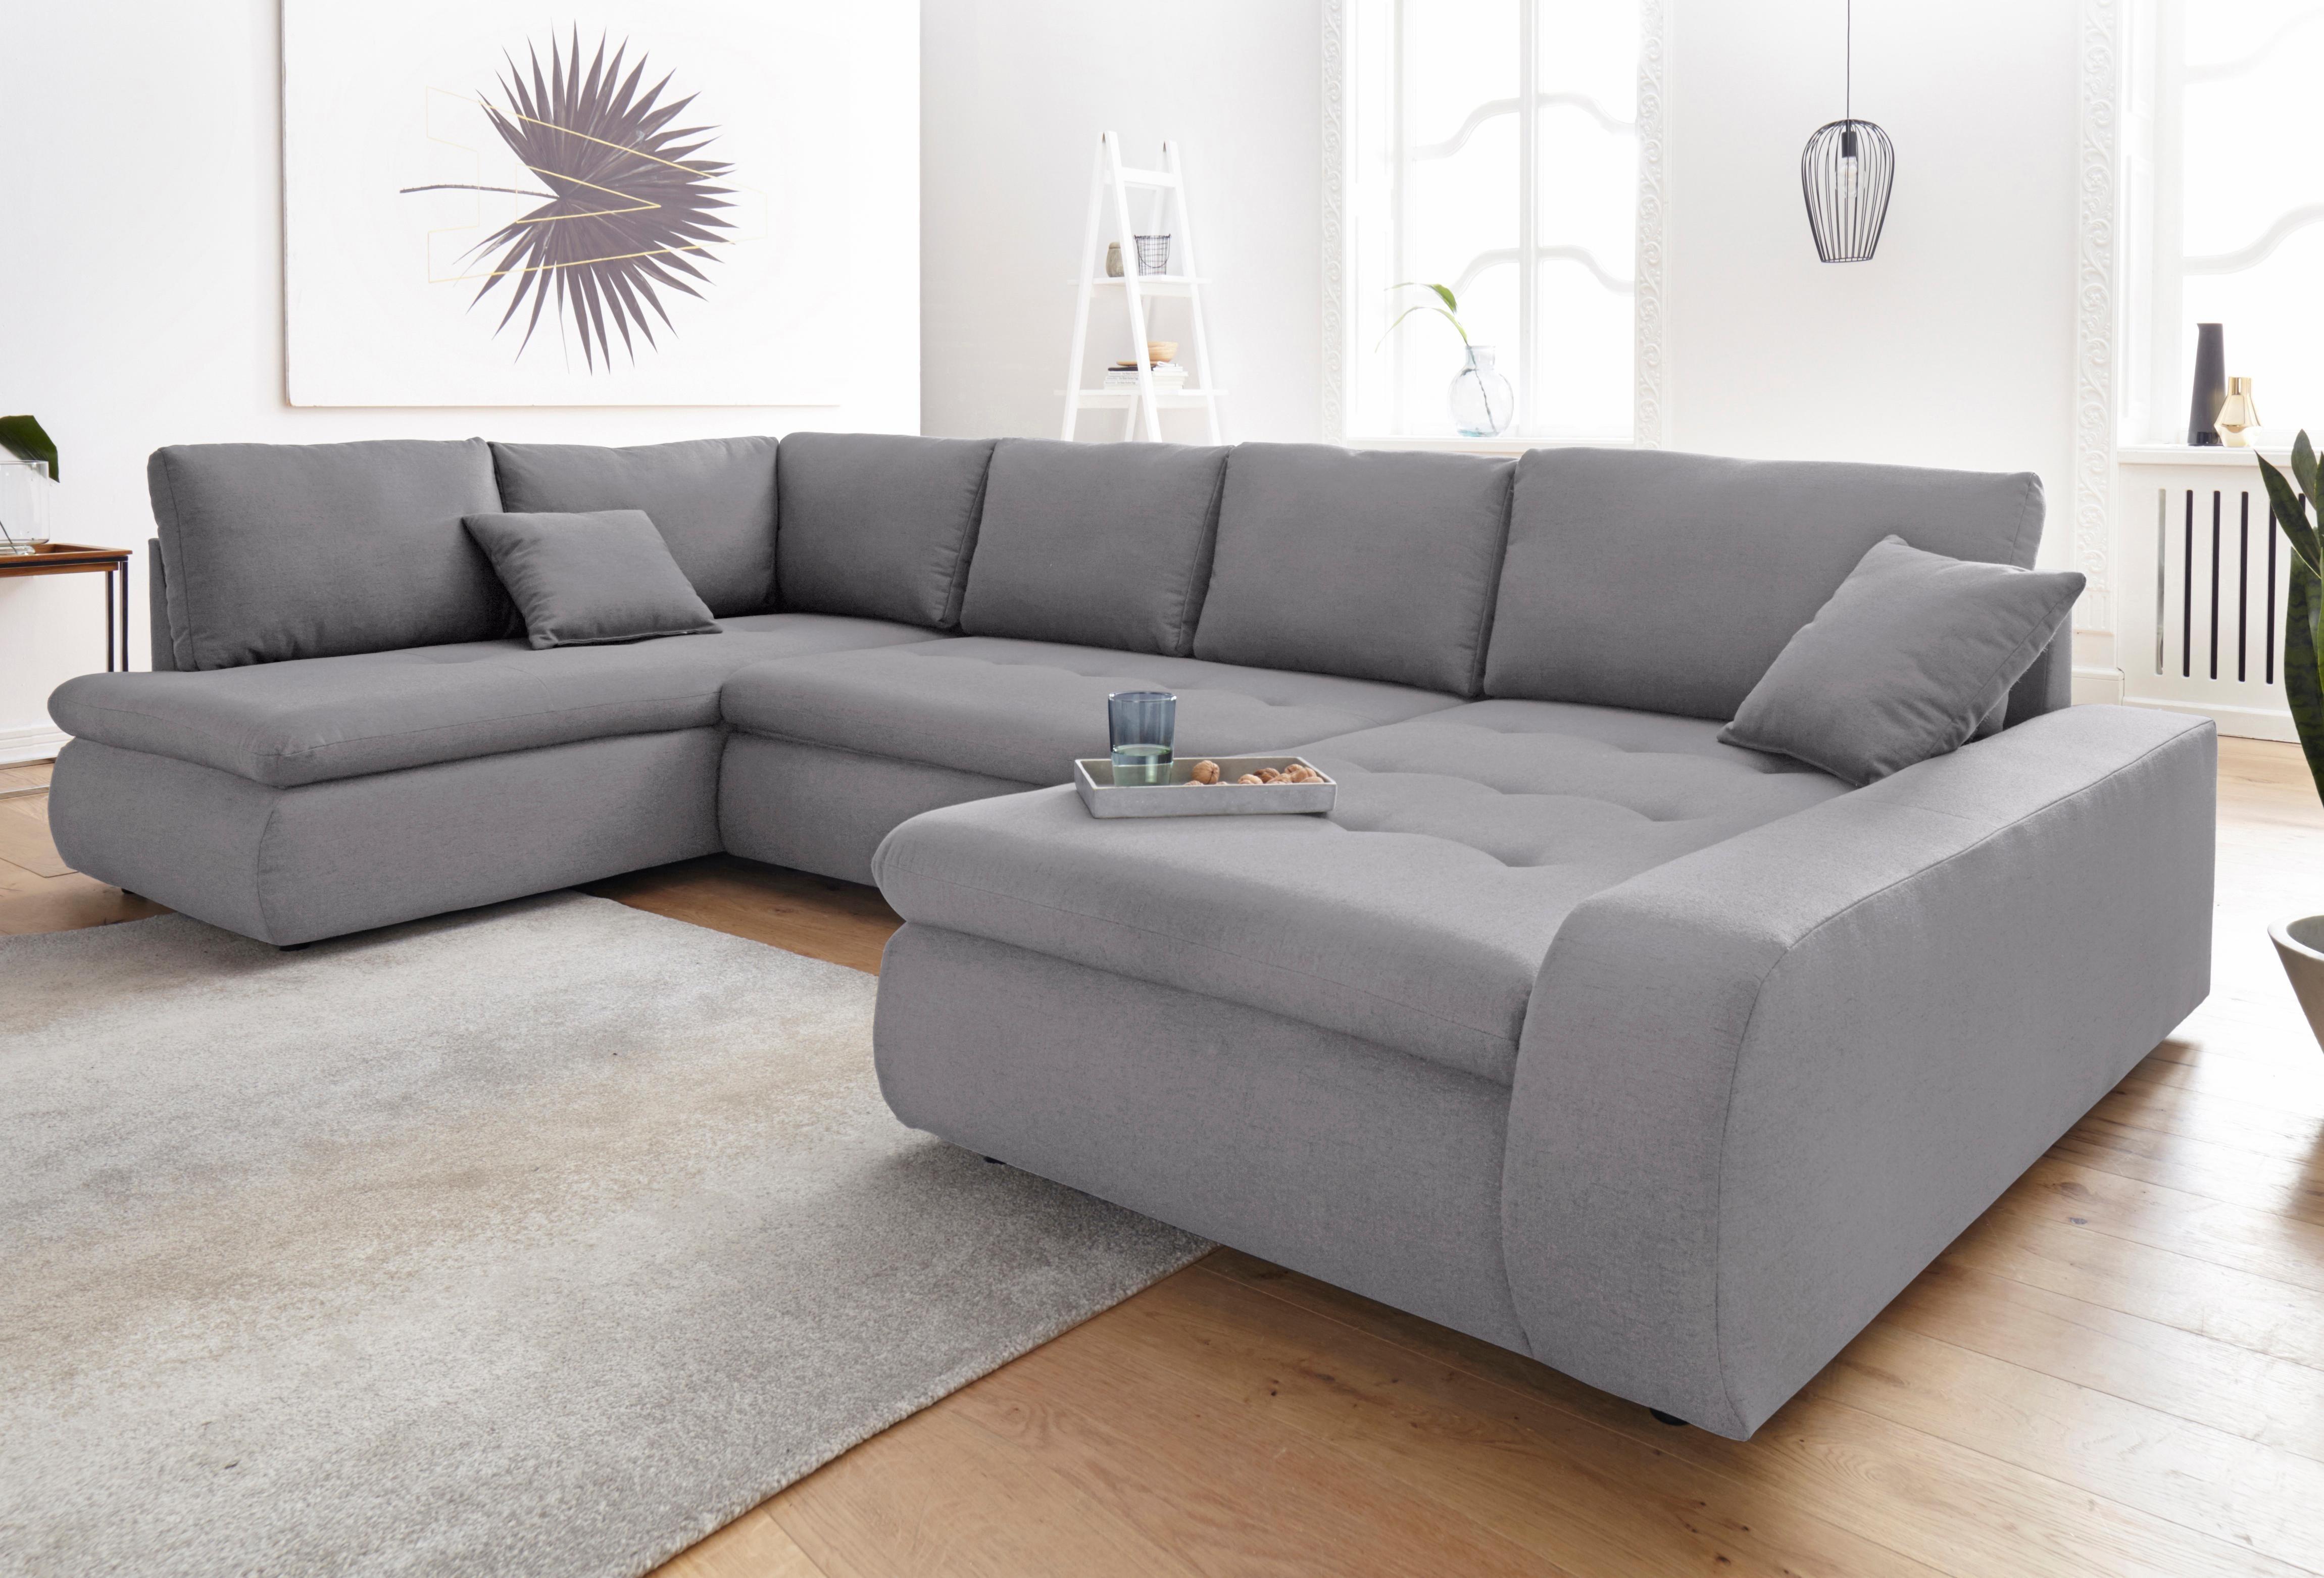 polinova Wohnlandschaften online kaufen | Möbel-Suchmaschine ...